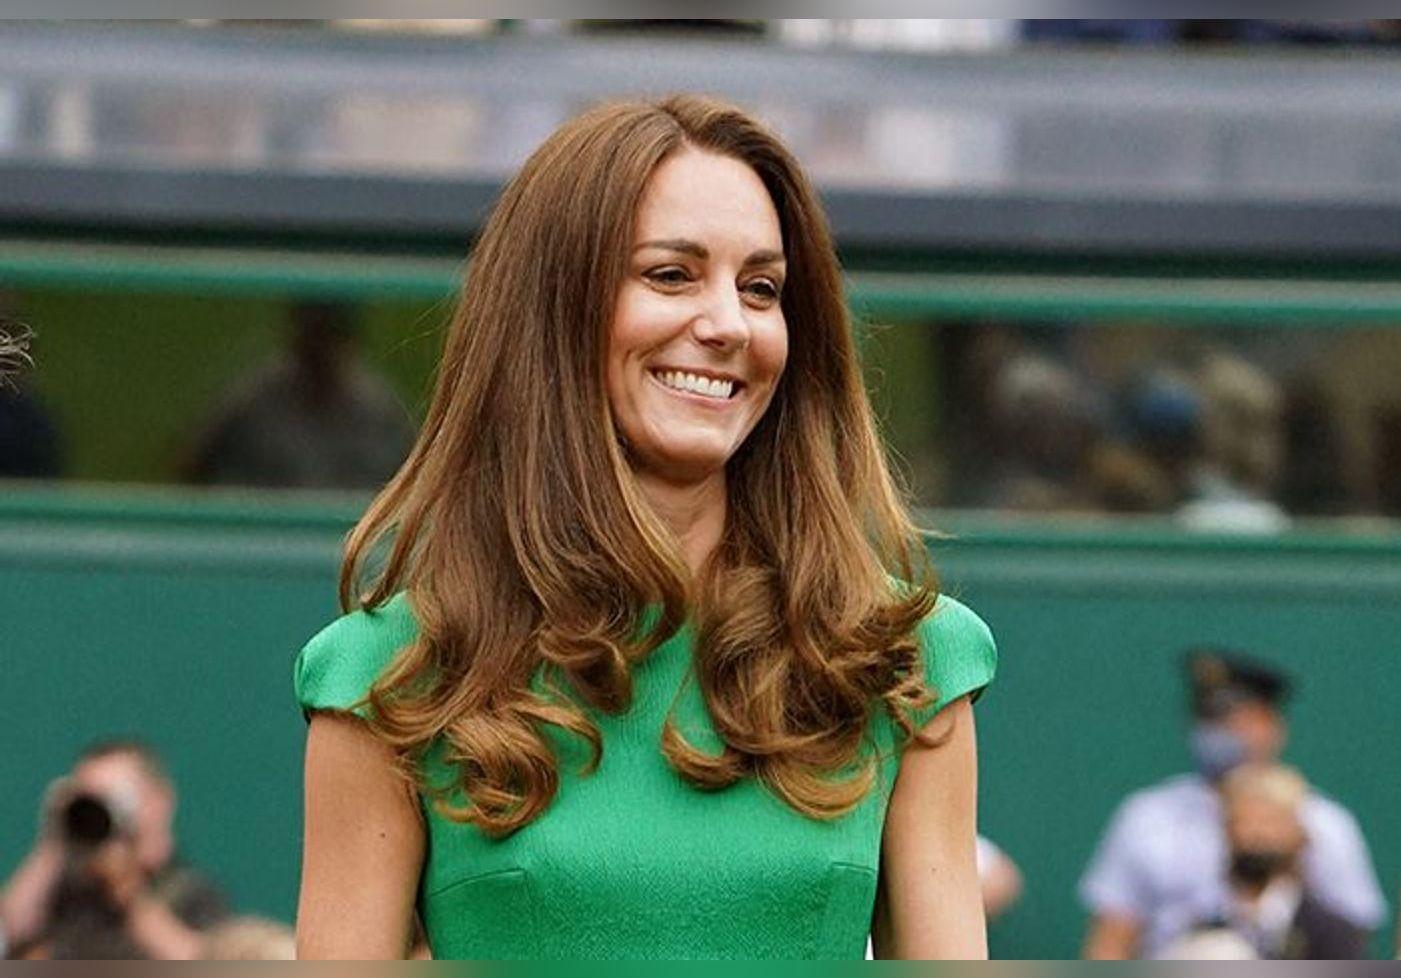 Kate Middleton en mini-jupe de tennis... Elle dévoile ses jambes pour adopter la tendance mode de l'année